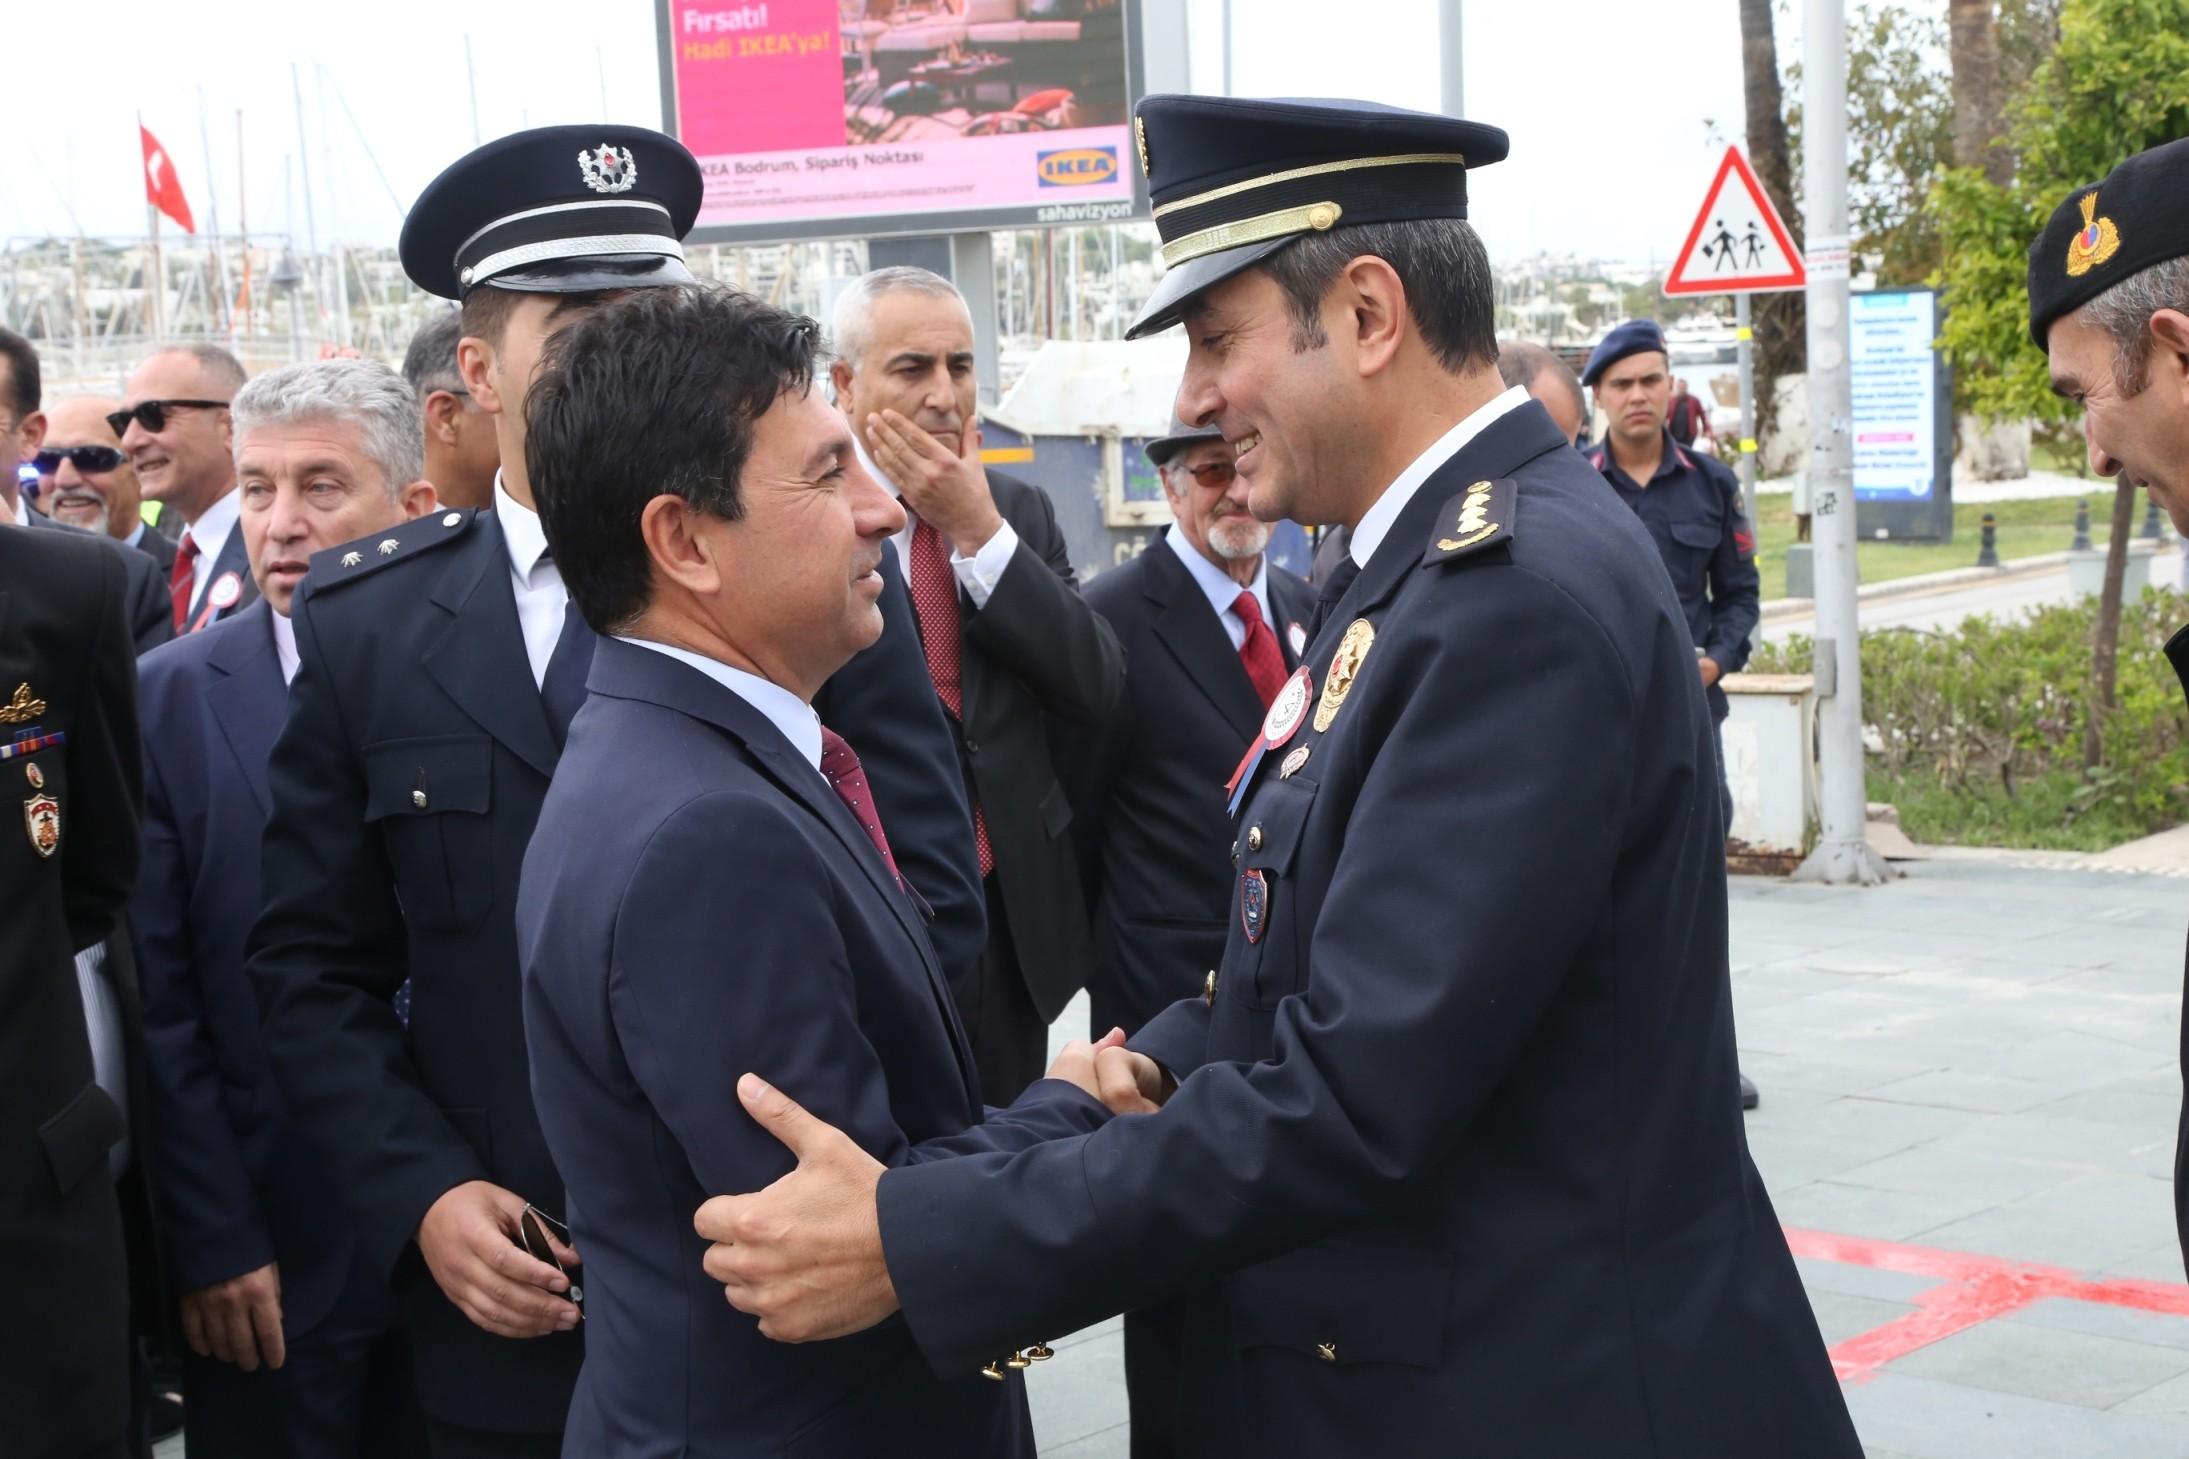 polİs teŞkİlati POLİS GÜNÜ ETKİNLİKLERLE KUTLANIYOR… TURK POLIS TESKILATI 2